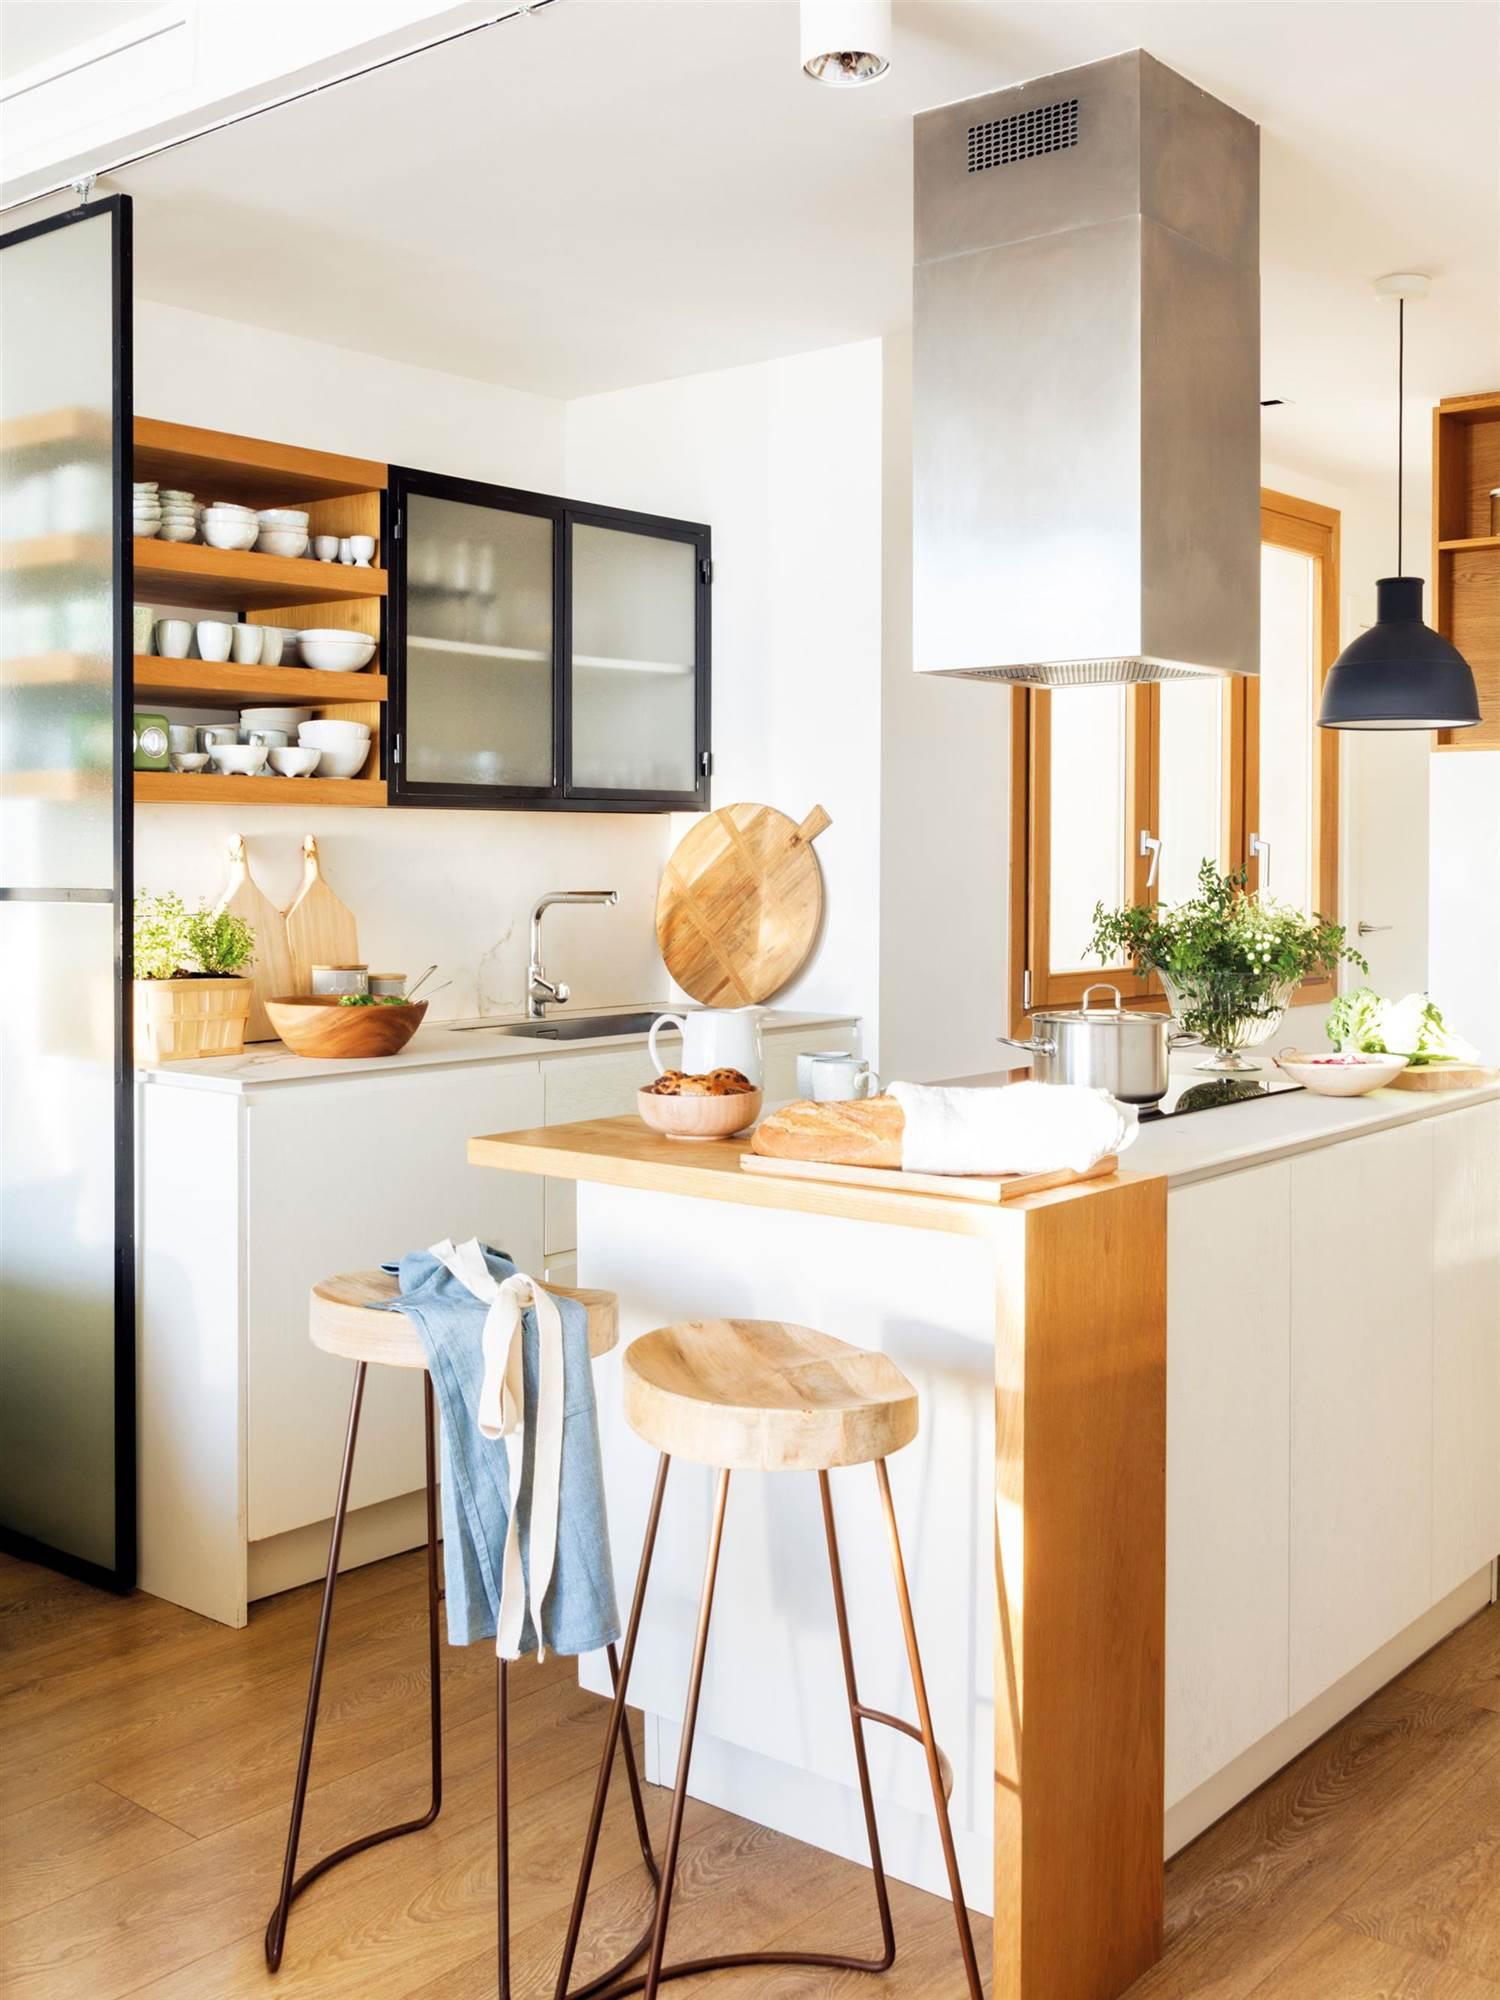 15 fotos de cocinas peque as bien aprovechadas for Mejor material para encimeras de cocina